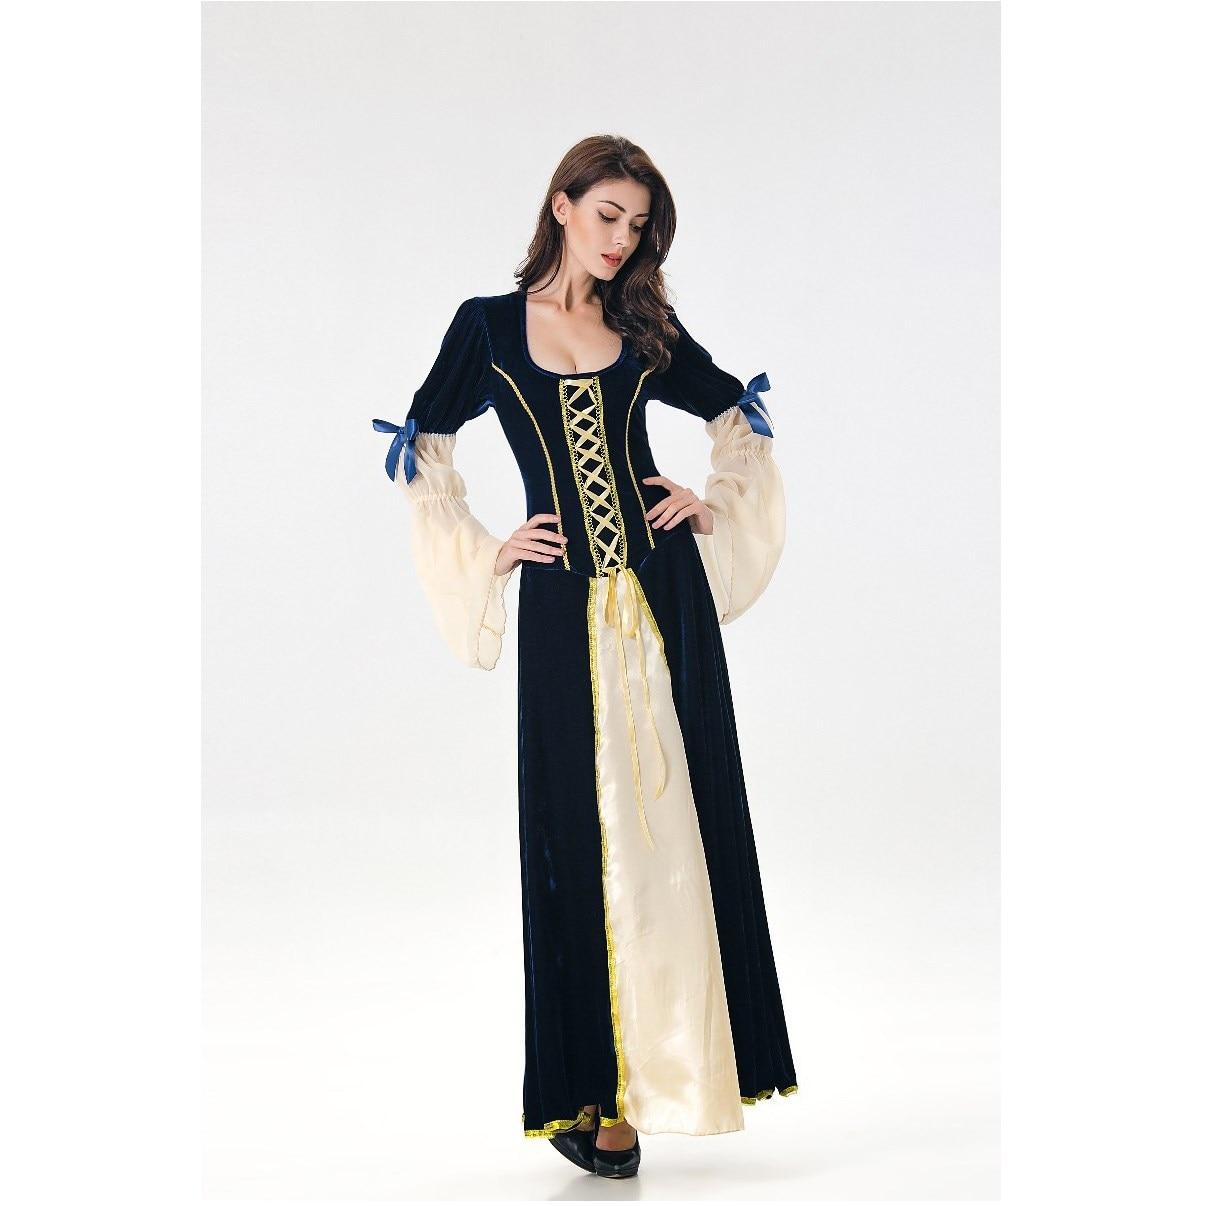 Medievale Nero Costumi Vestito Masquerade Cosplay Donne Blu Fantasia Maxi  Vittoriana Del Vintage xBnwY f514cb799e9